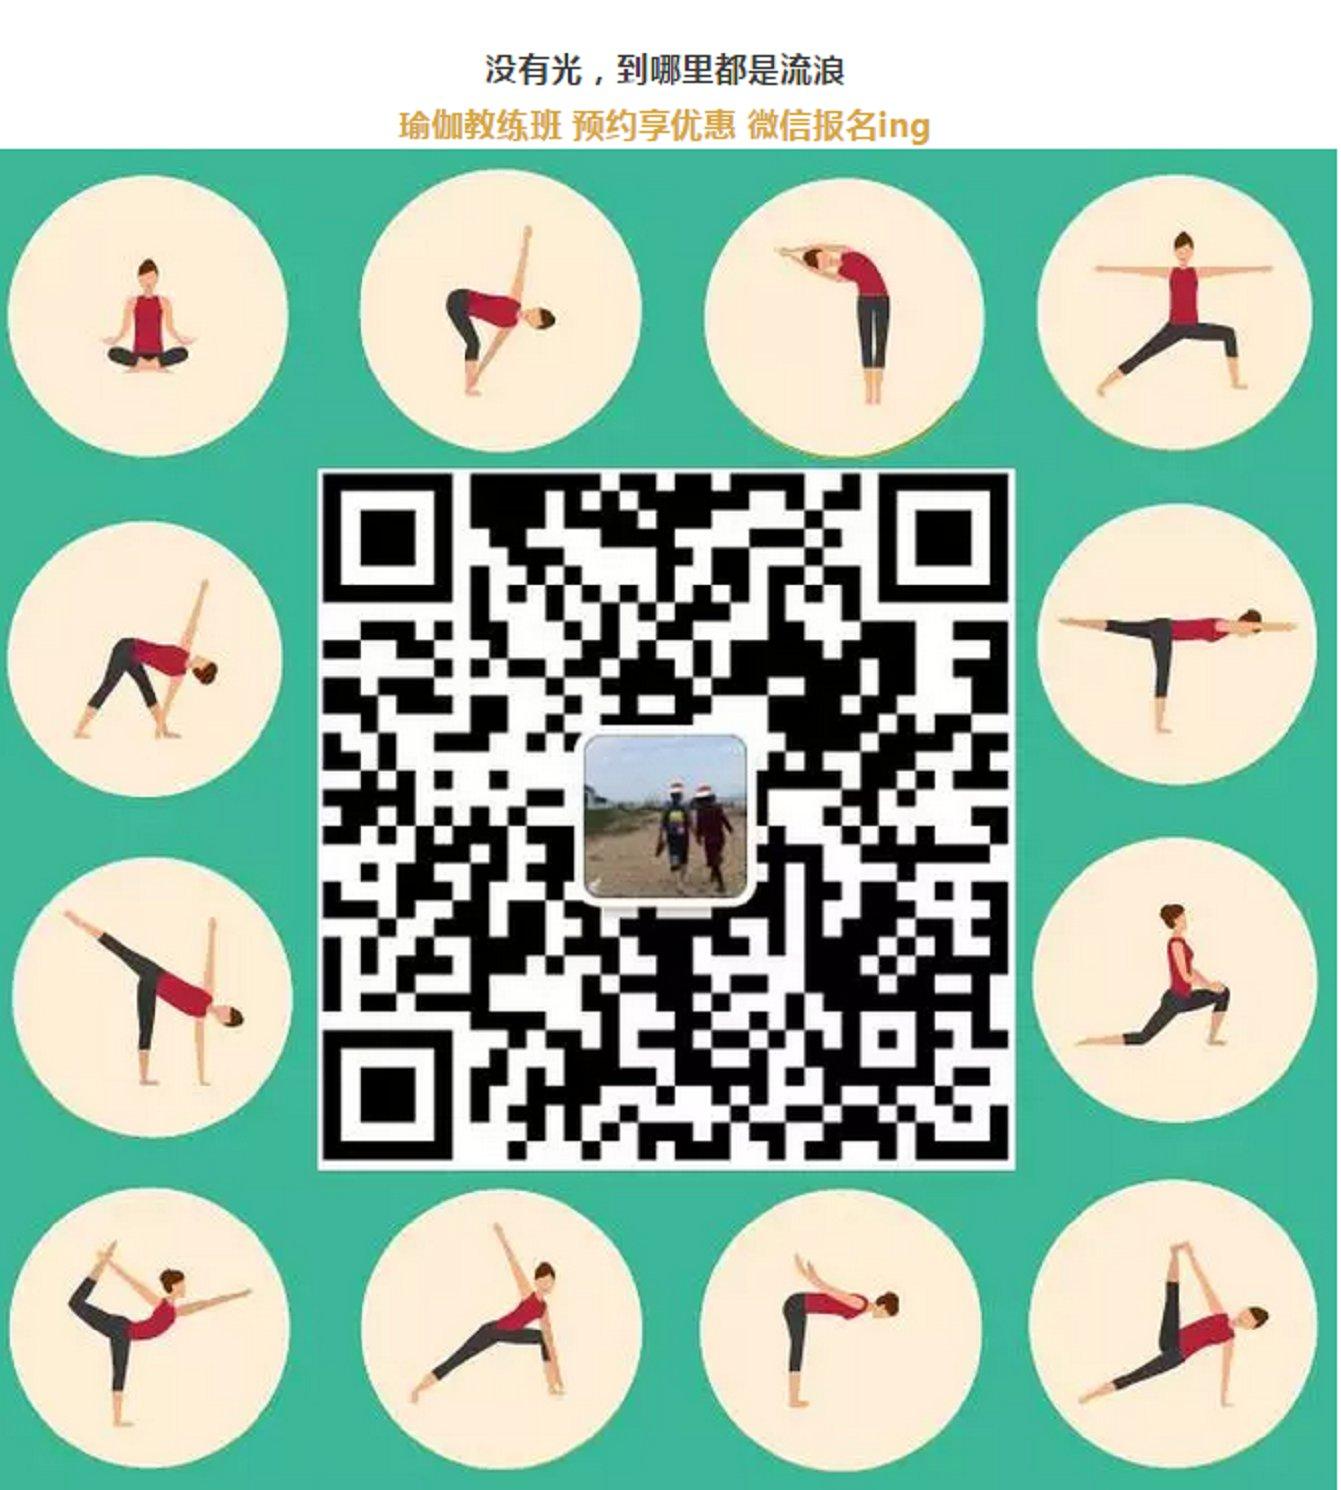 7月16日玄瑜伽暑期瑜伽教练班招生中